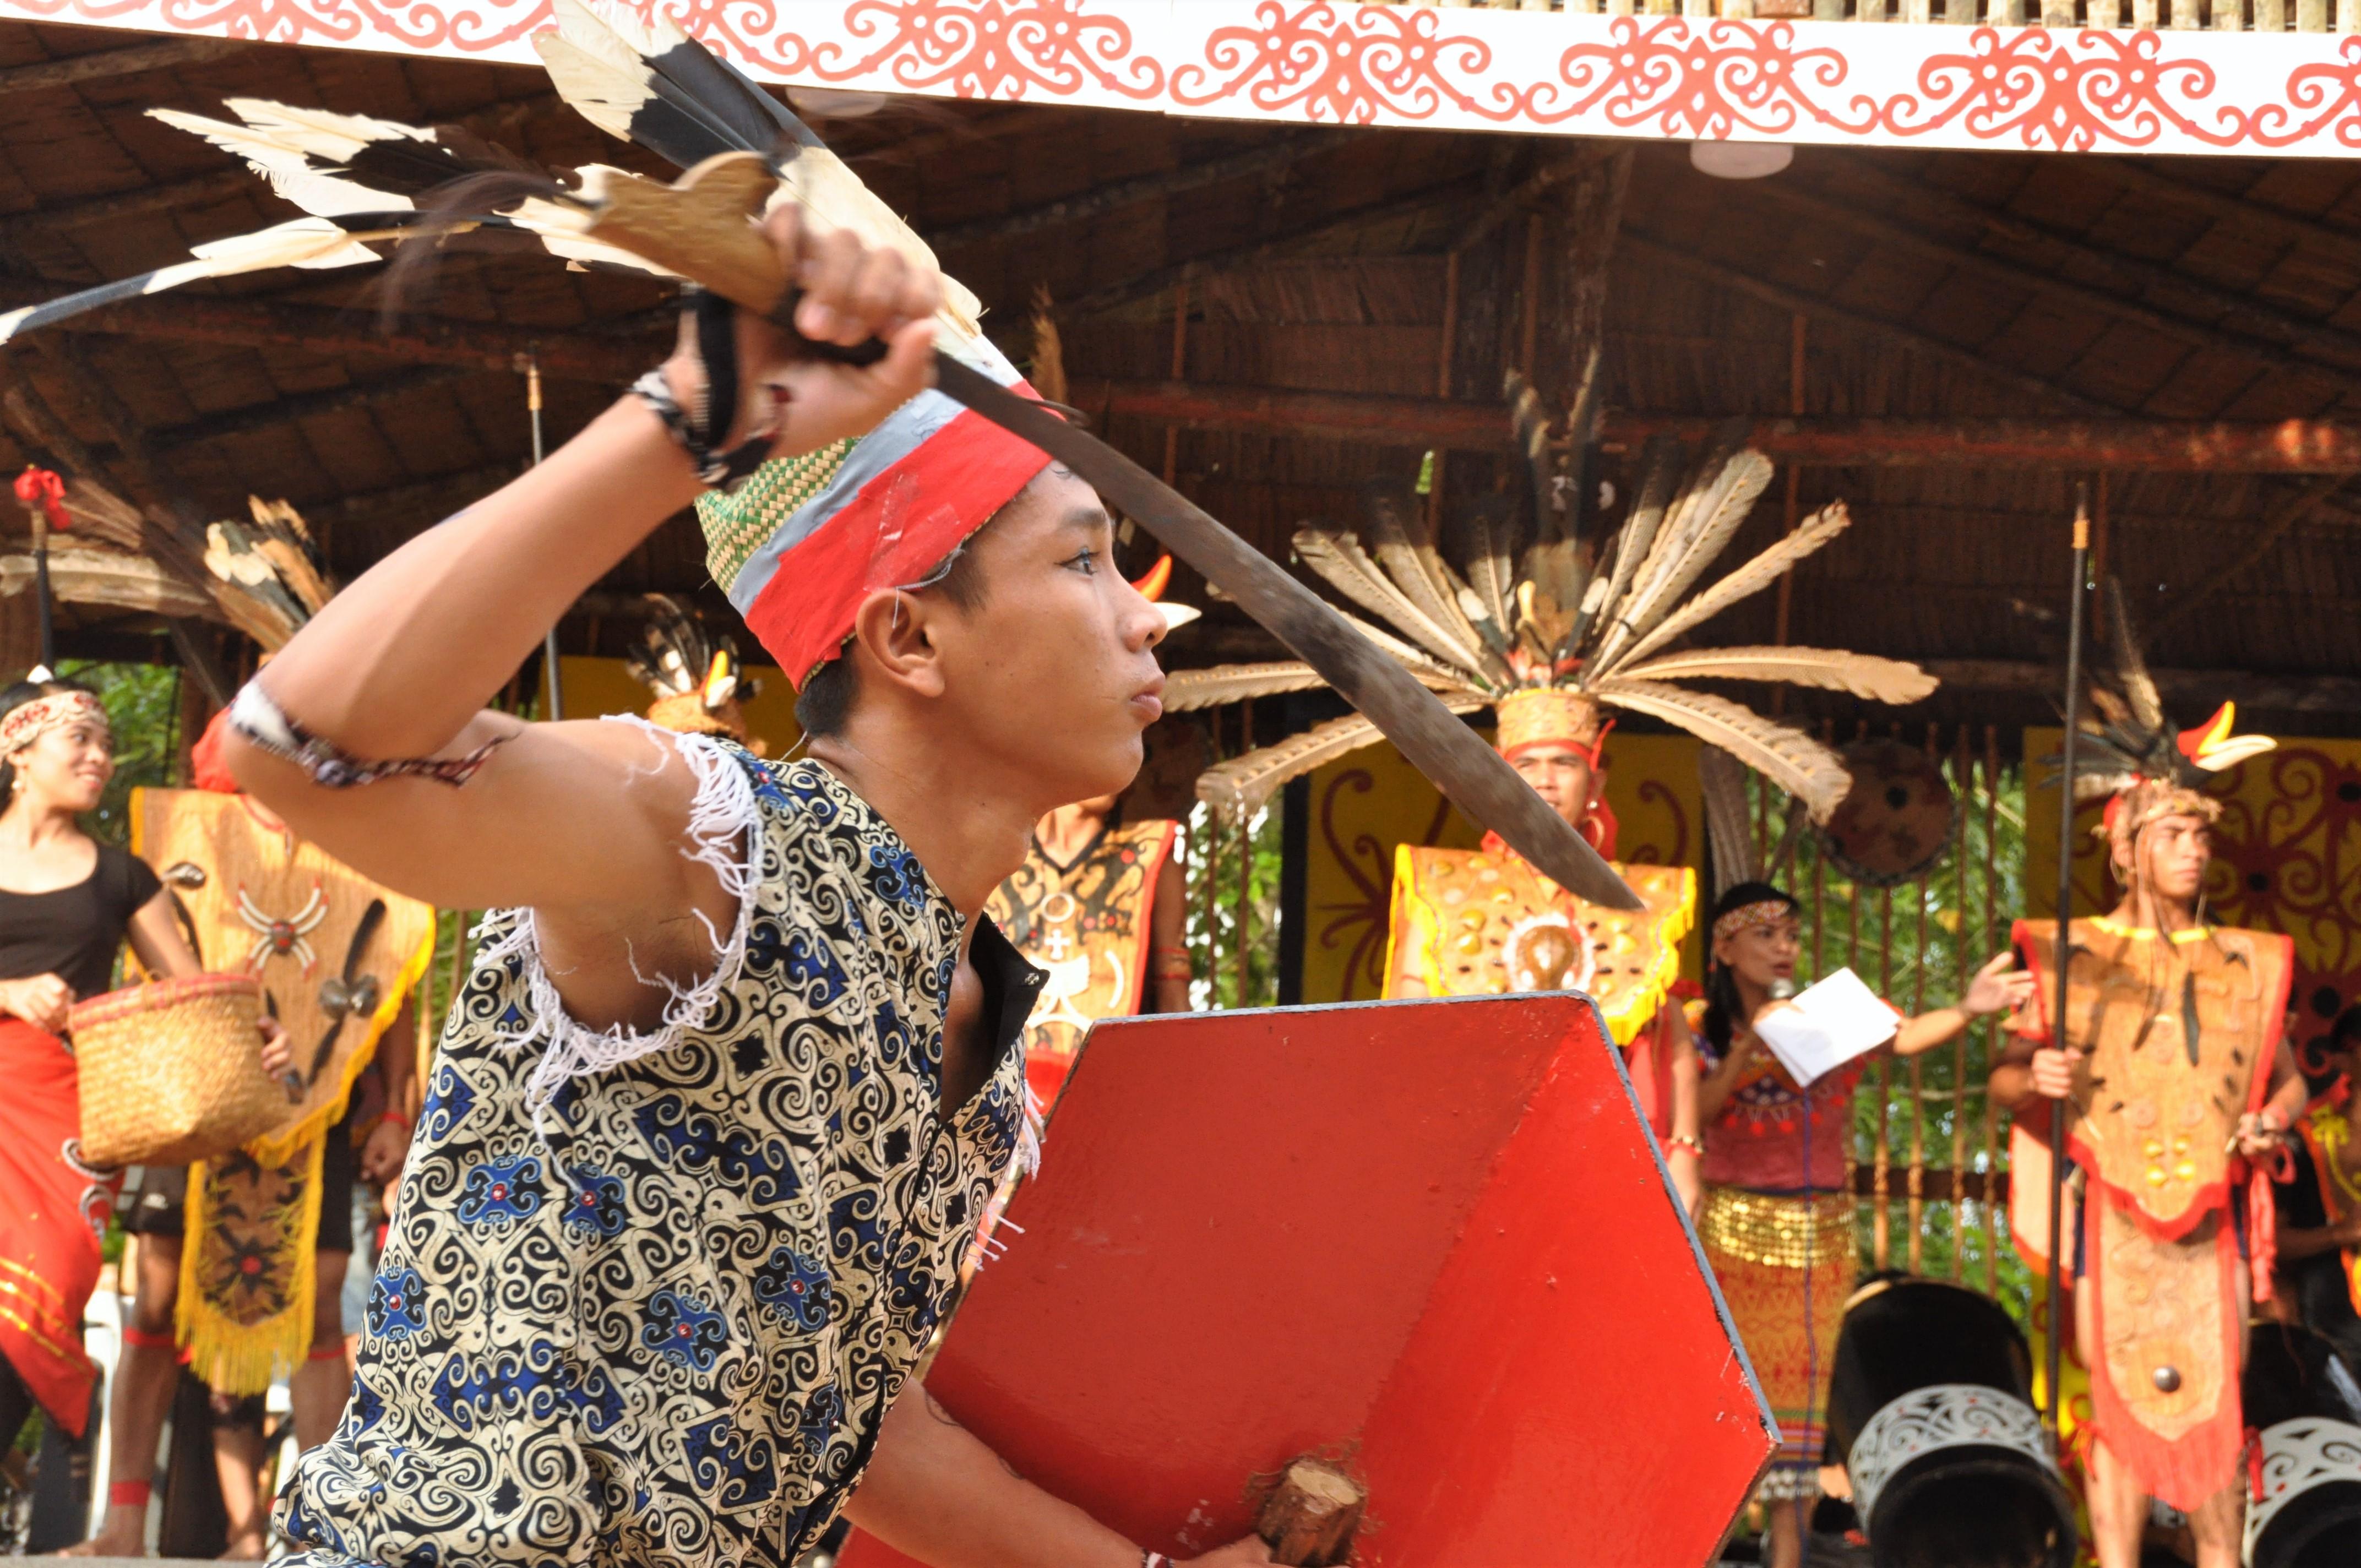 Matias performing